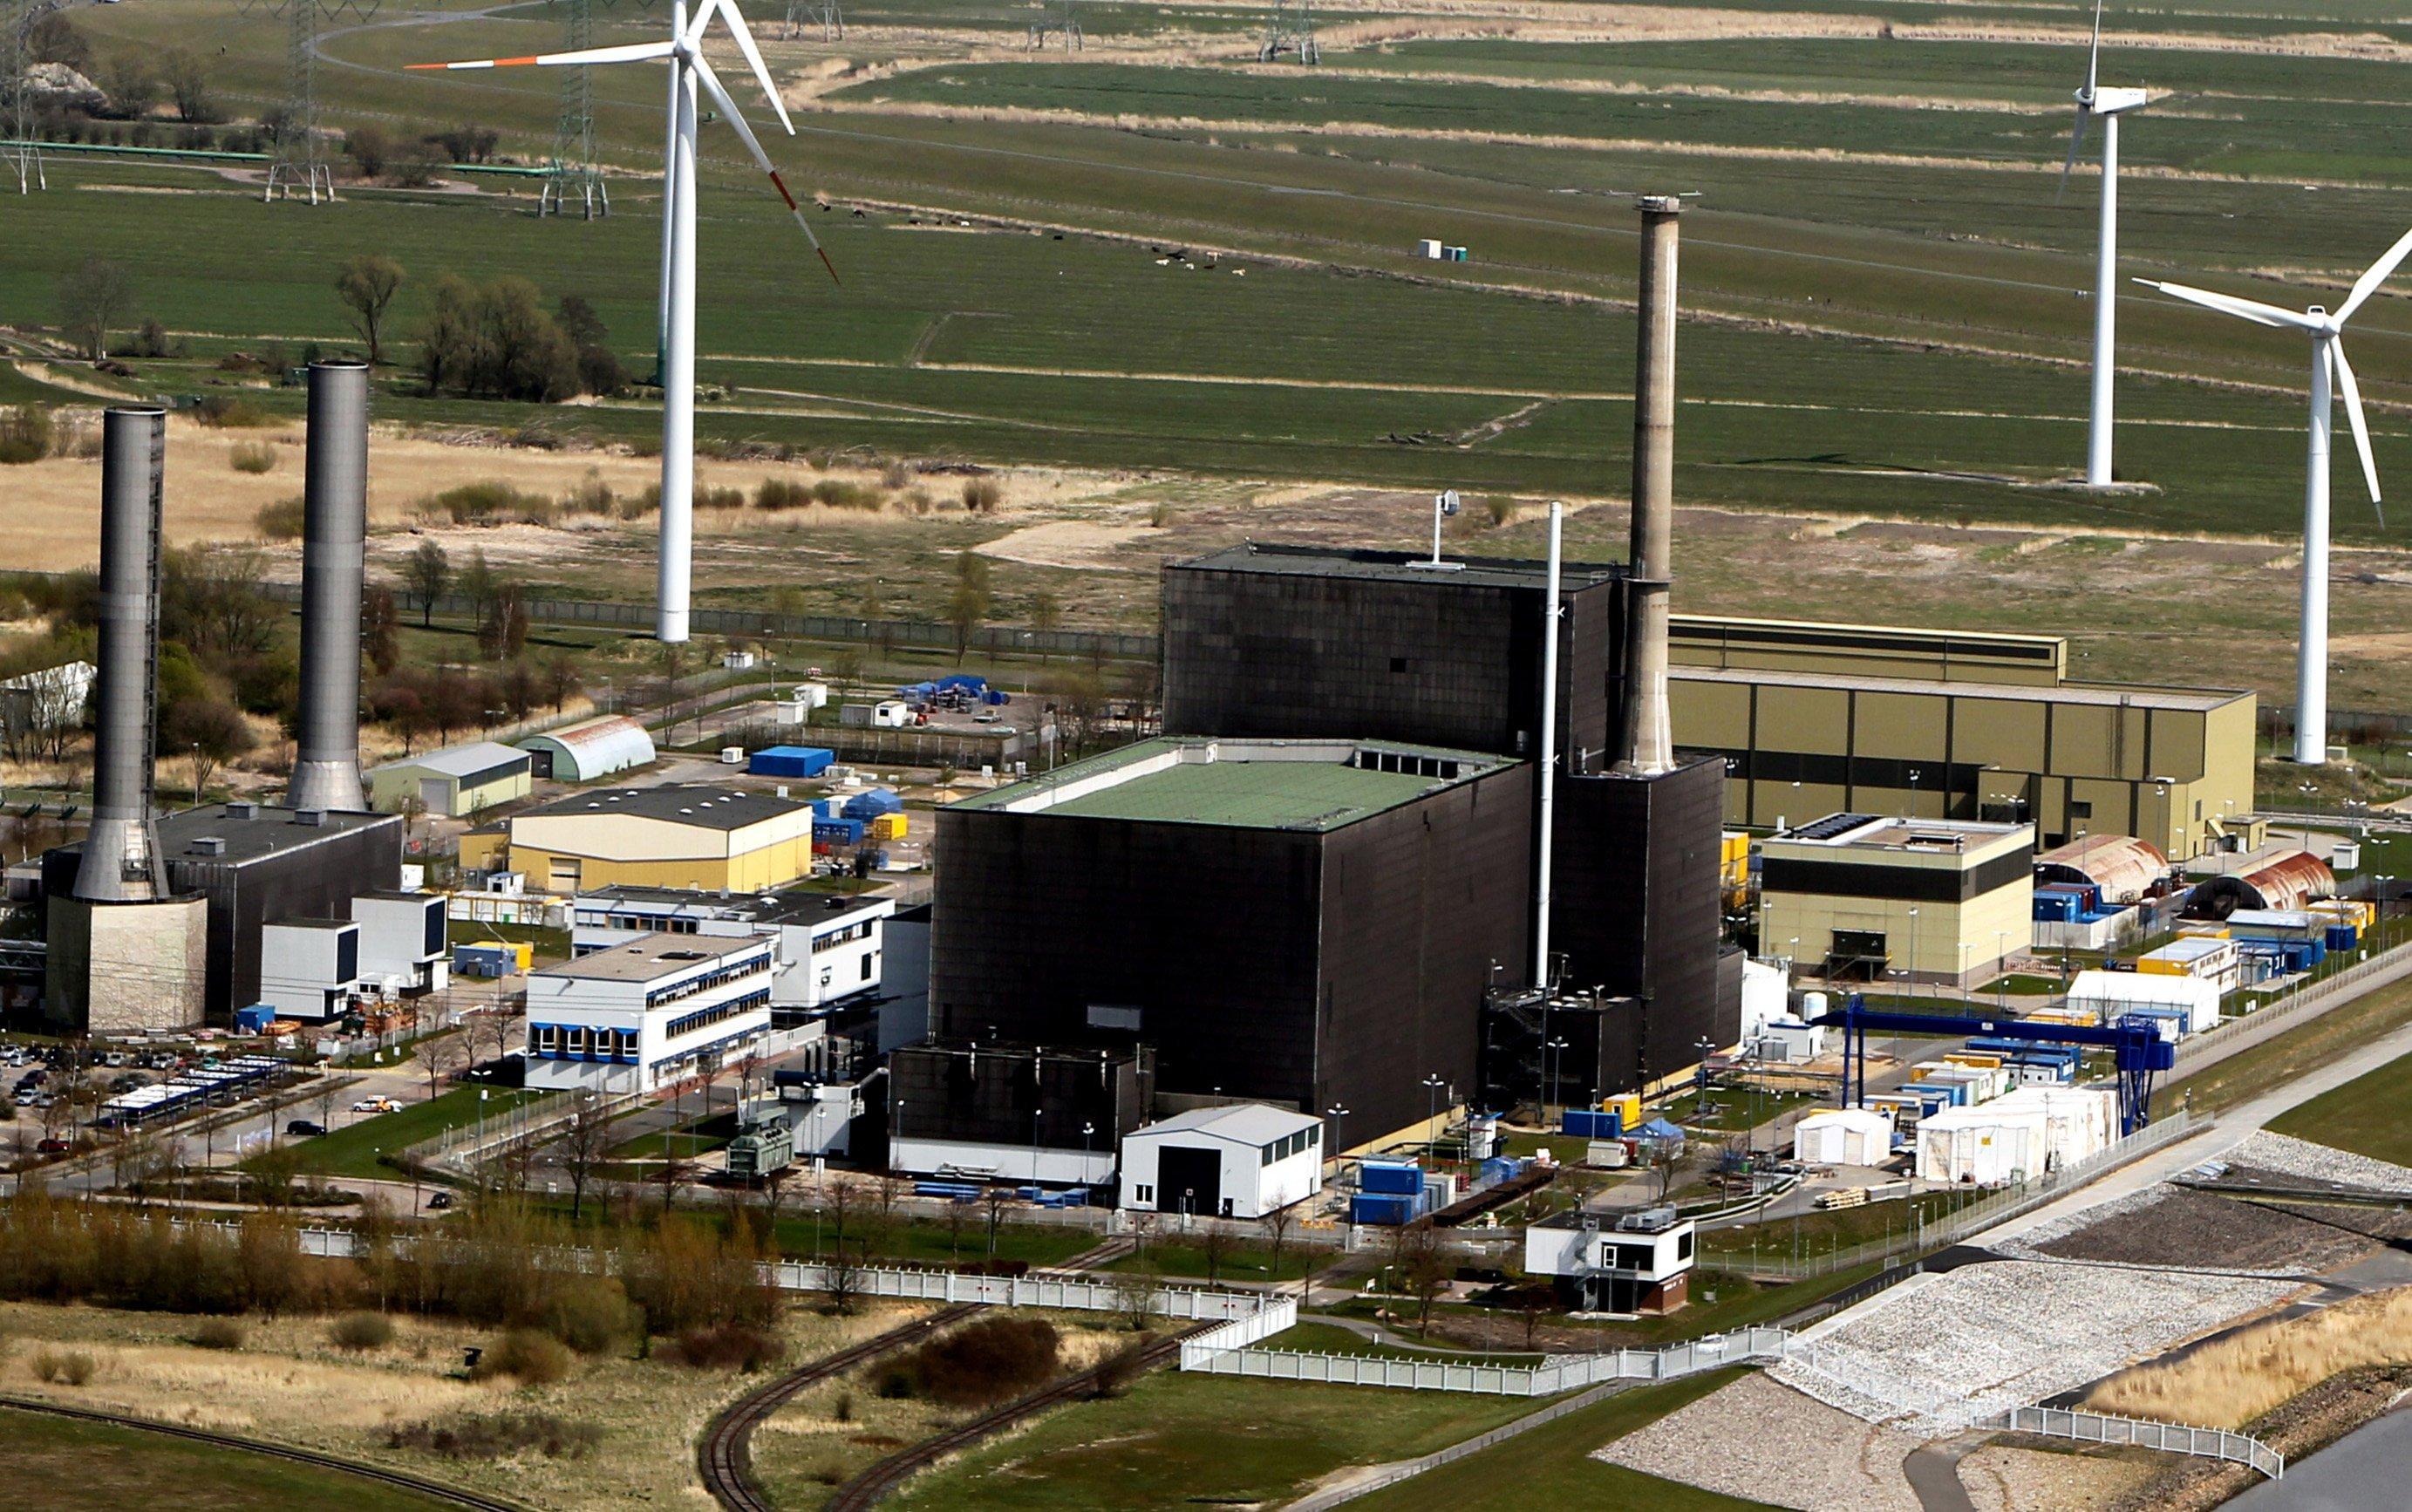 Das Atomkraftwerk in Brunsbüttel (Schleswig-Holstein) ging am 9. Februar 1977 ans Netz, im Juli 2007 hat es Betreiber Vattenfall heruntergefahren. In den Kavernen lagern 631 Fässer mit Atommüll.